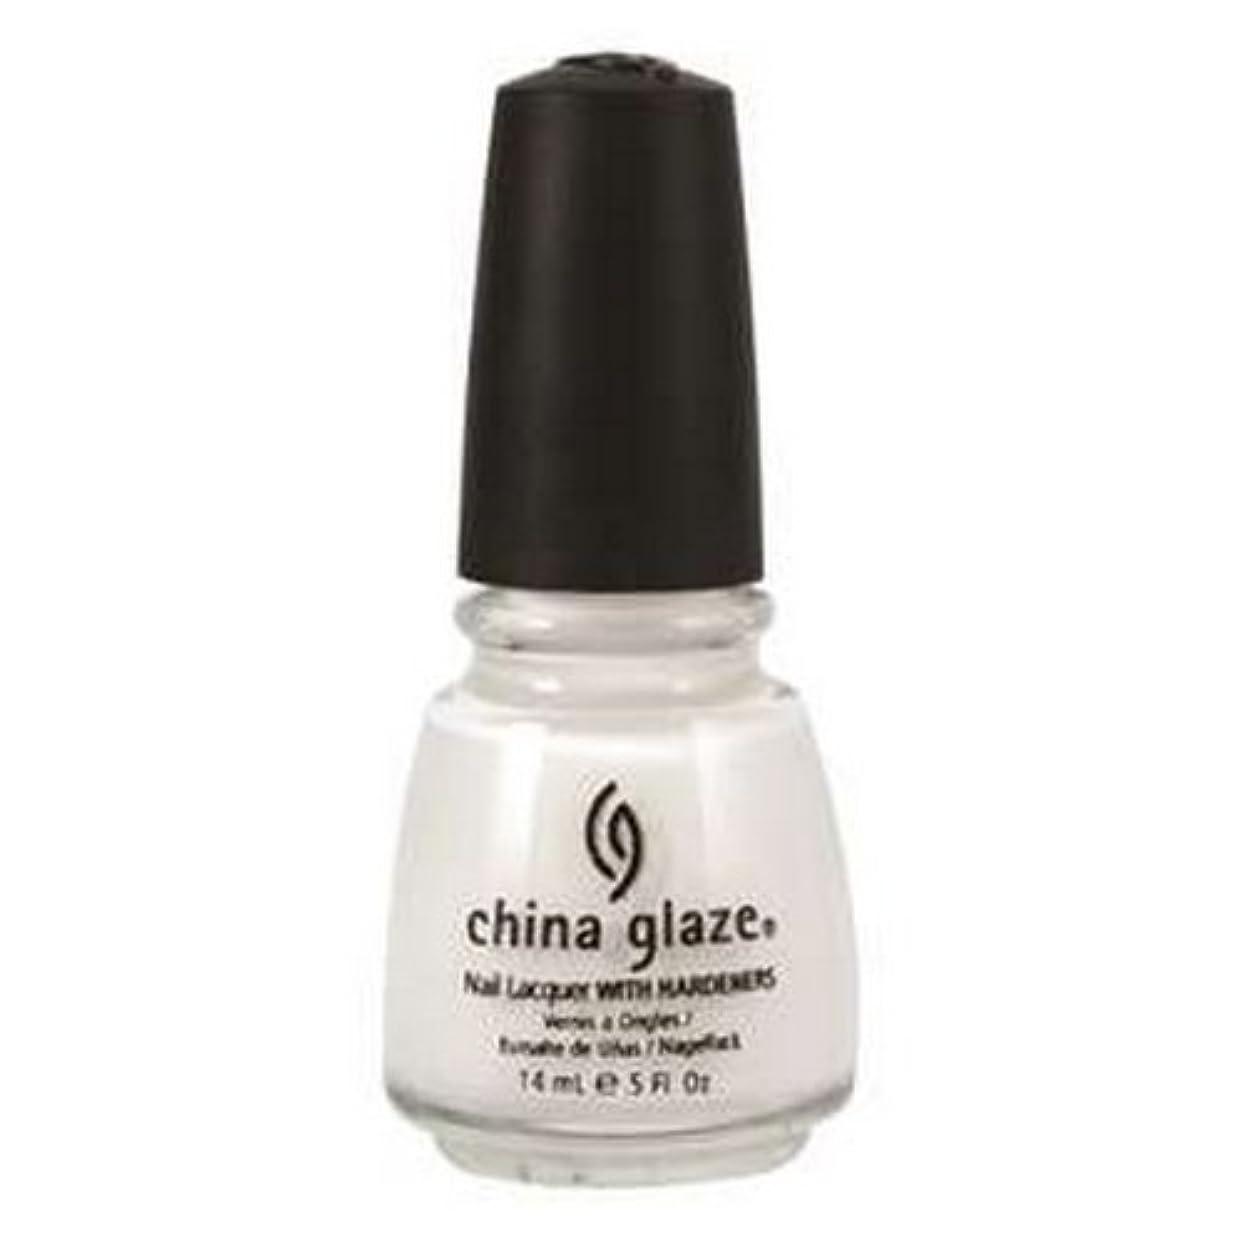 不和整理する通行人(3 Pack) CHINA GLAZE Nail Lacquer with Nail Hardner 2 - Snow (並行輸入品)